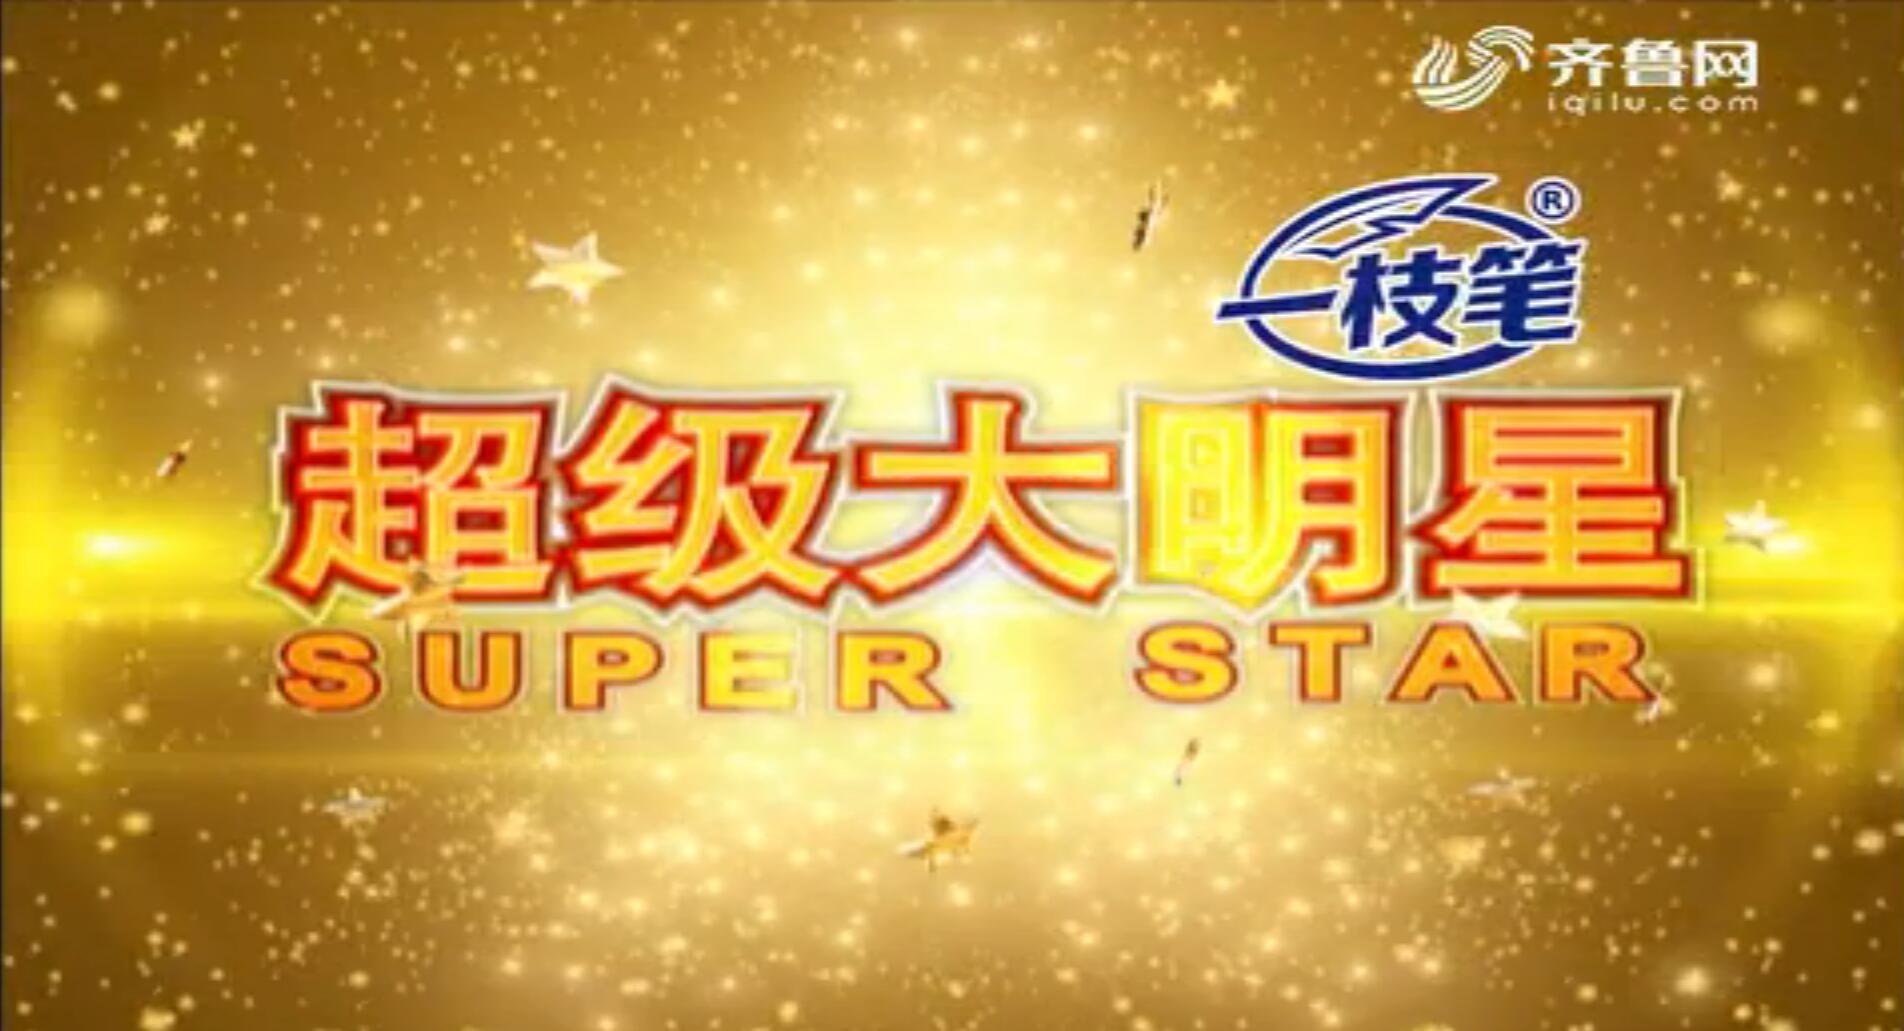 20170715《超级大明星》:李东力表演舞蹈《征服》震撼全场观众